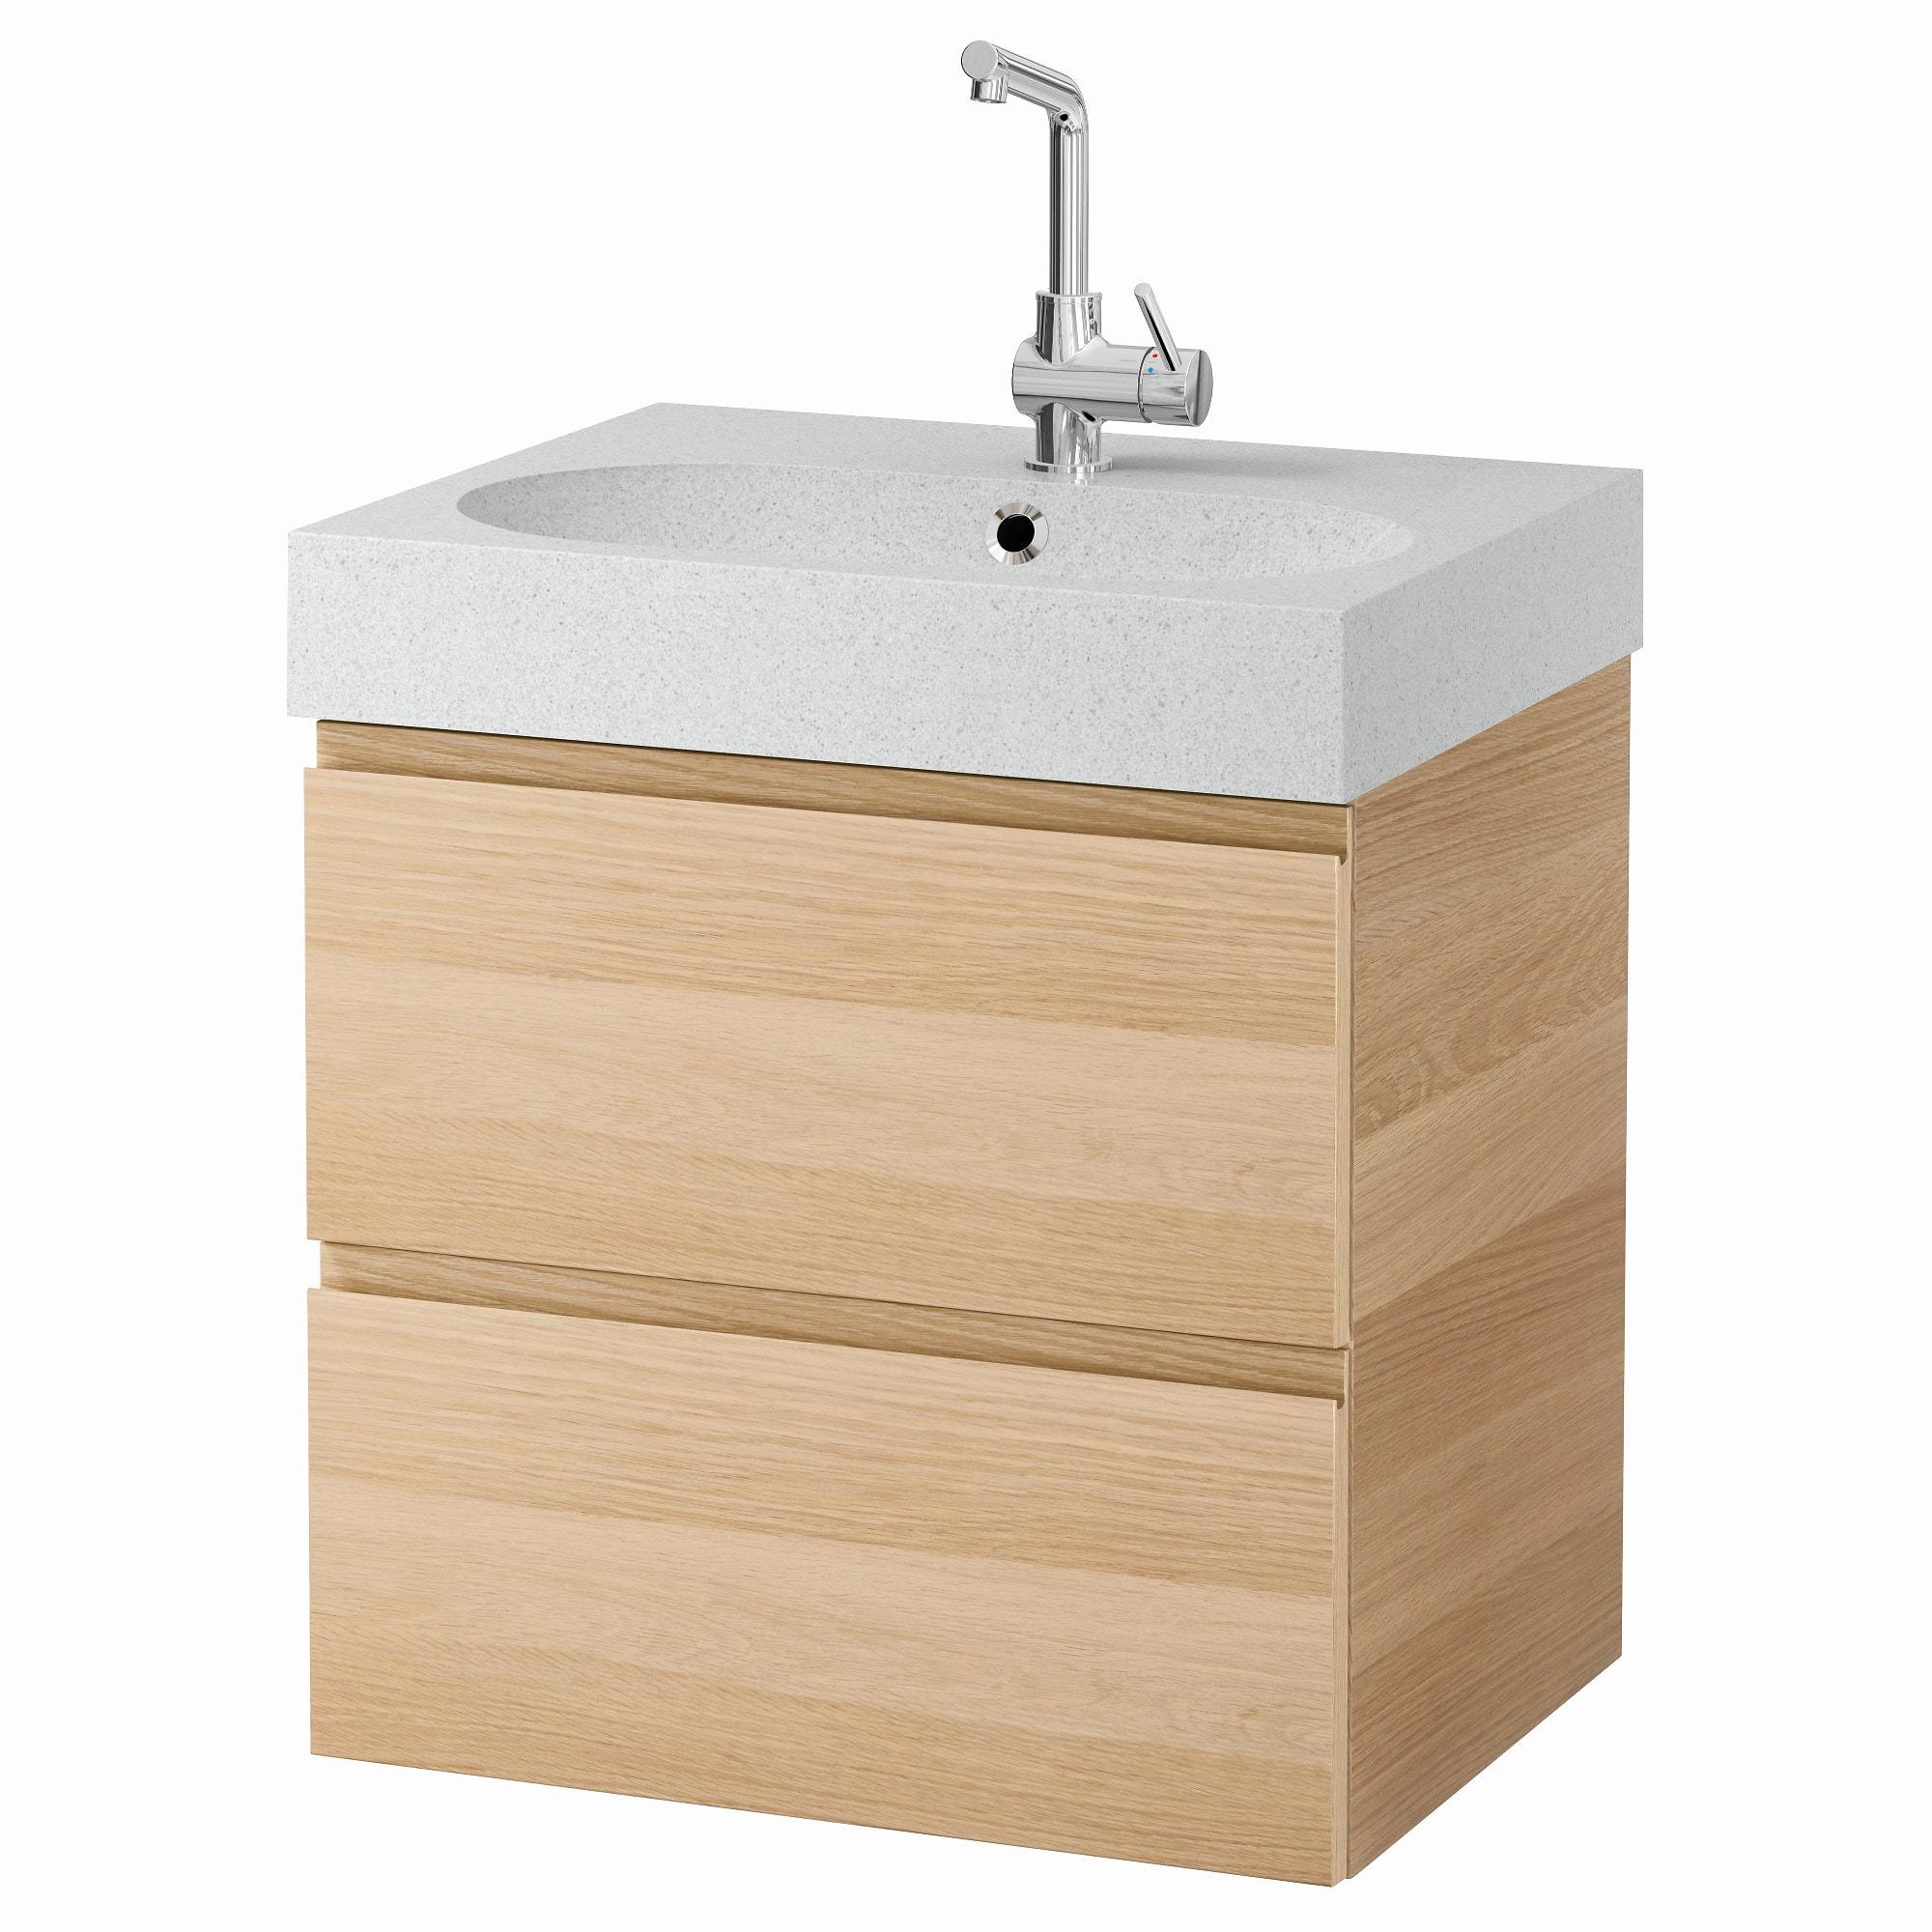 Armoire De Salle De Bain Leroy Merlin Unique Images Ikea Kitchen Cabinets 60cm Lovely Petit Meuble Salle De Bain Avec